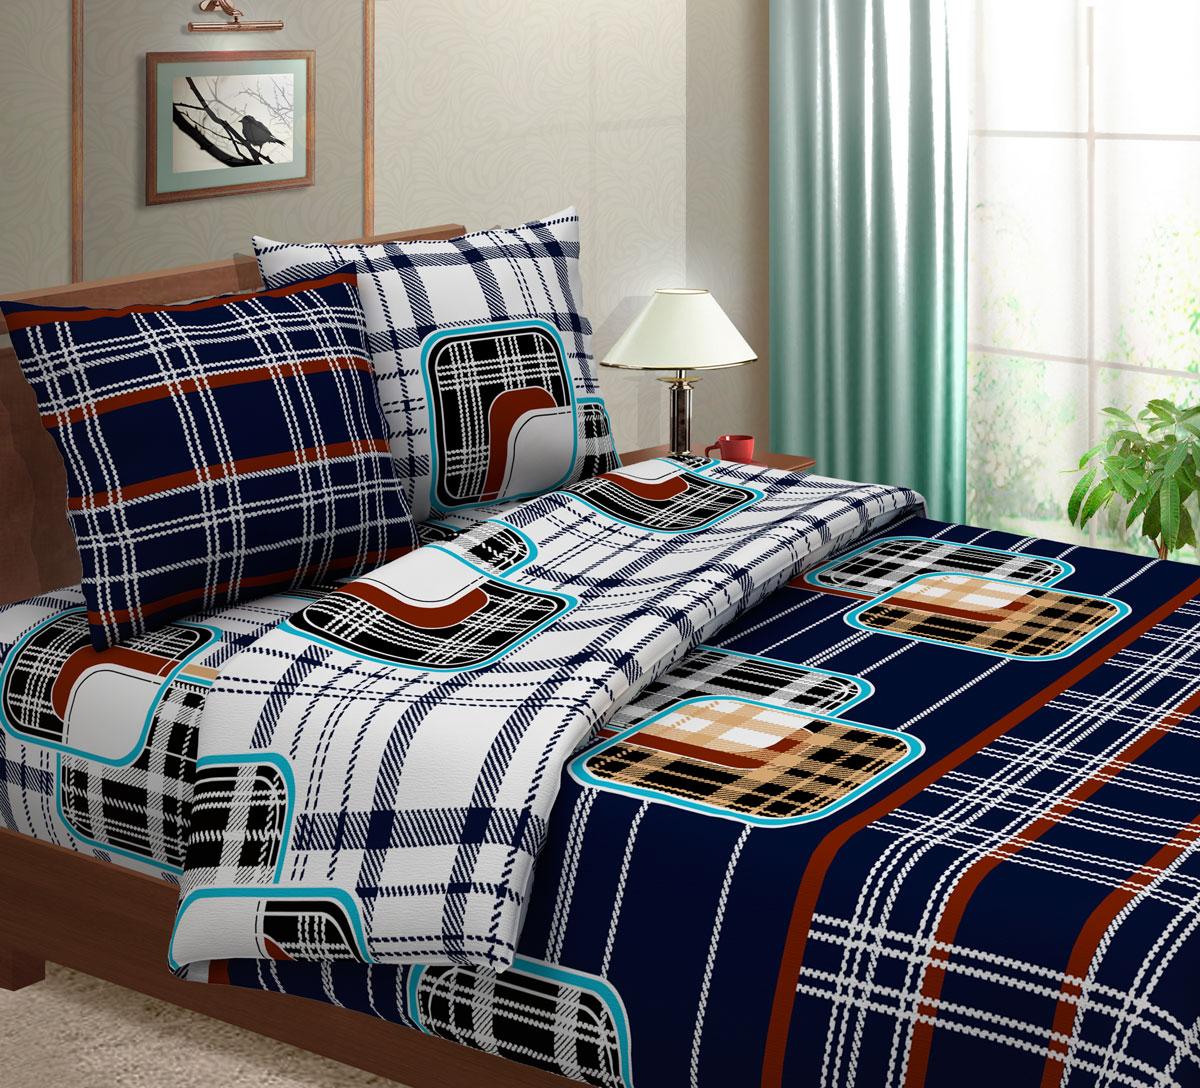 Комплект белья Seta Кашемир, семейный, наволочки 50x70, цвет: синий01524306